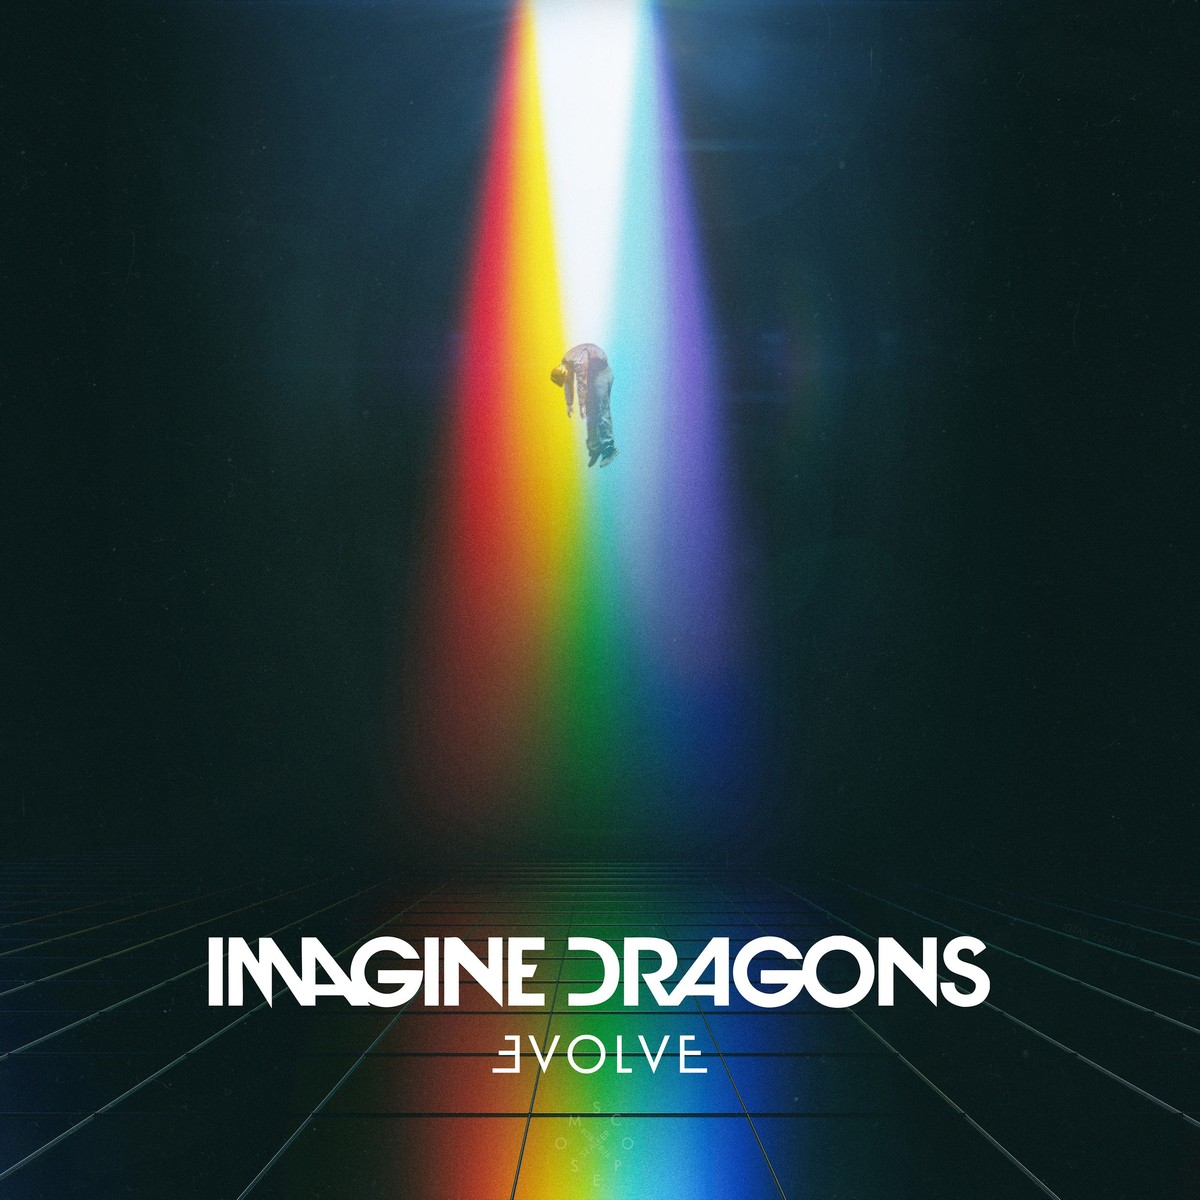 Posłuchaj w całości: Imagine Dragons - Evolve [ODSŁUCH]